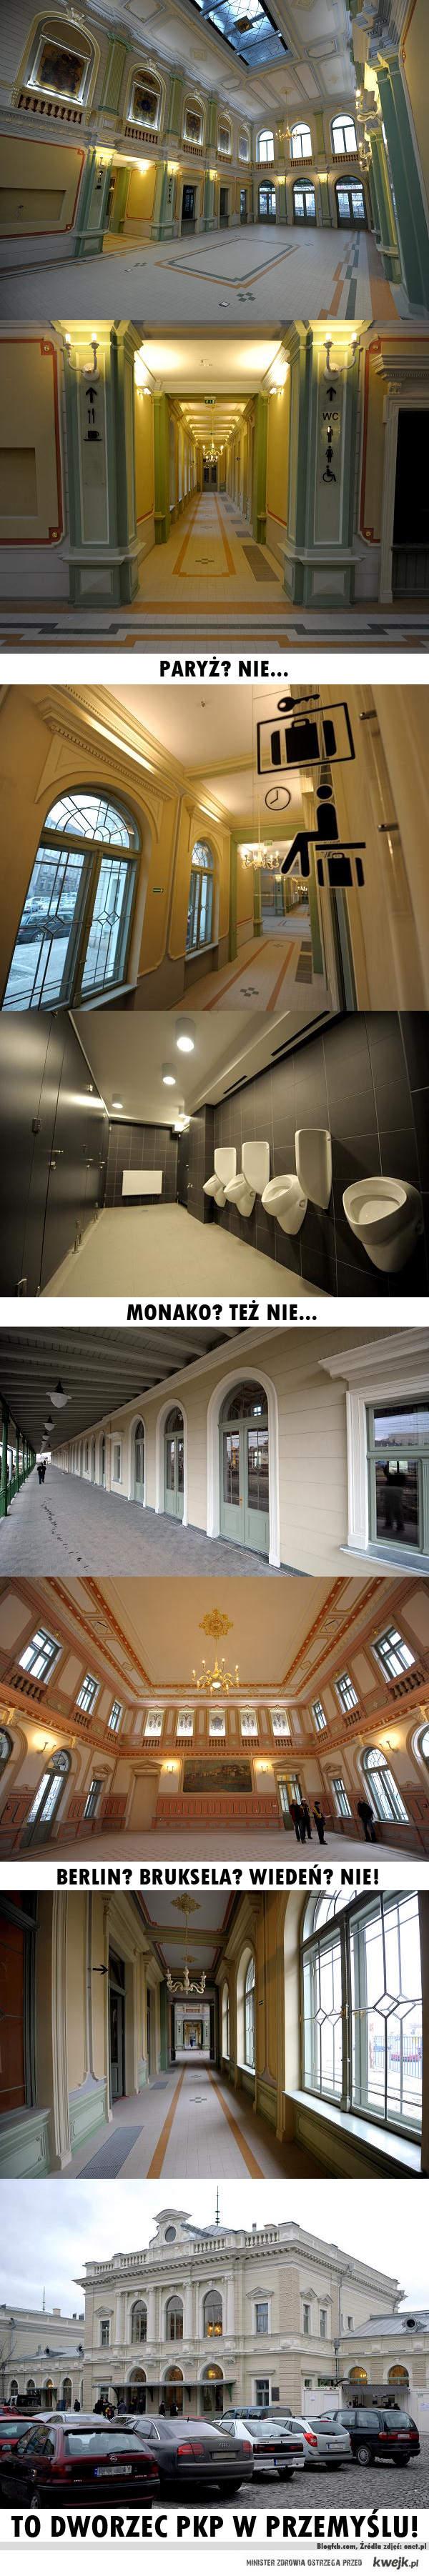 Dworzec PKP w Przemyślu